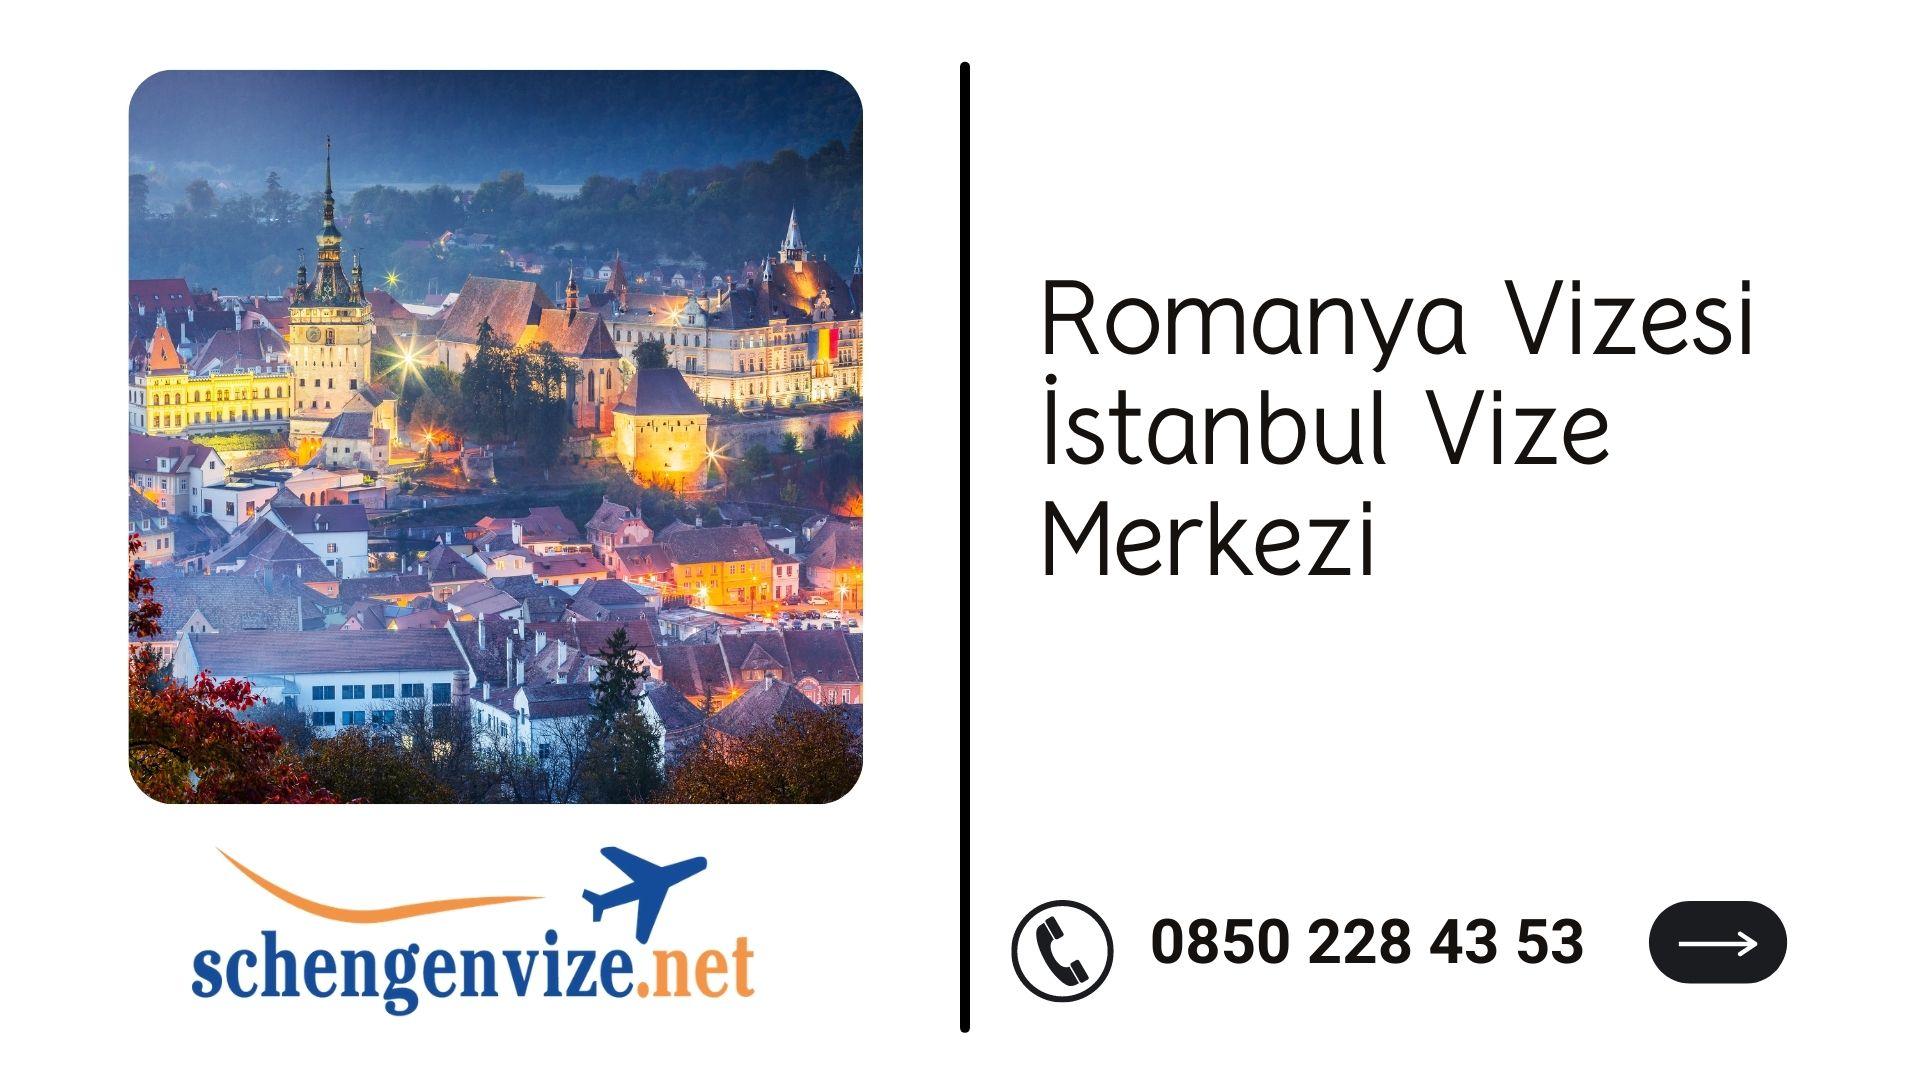 Romanya Vizesi İstanbul Vize Merkezi